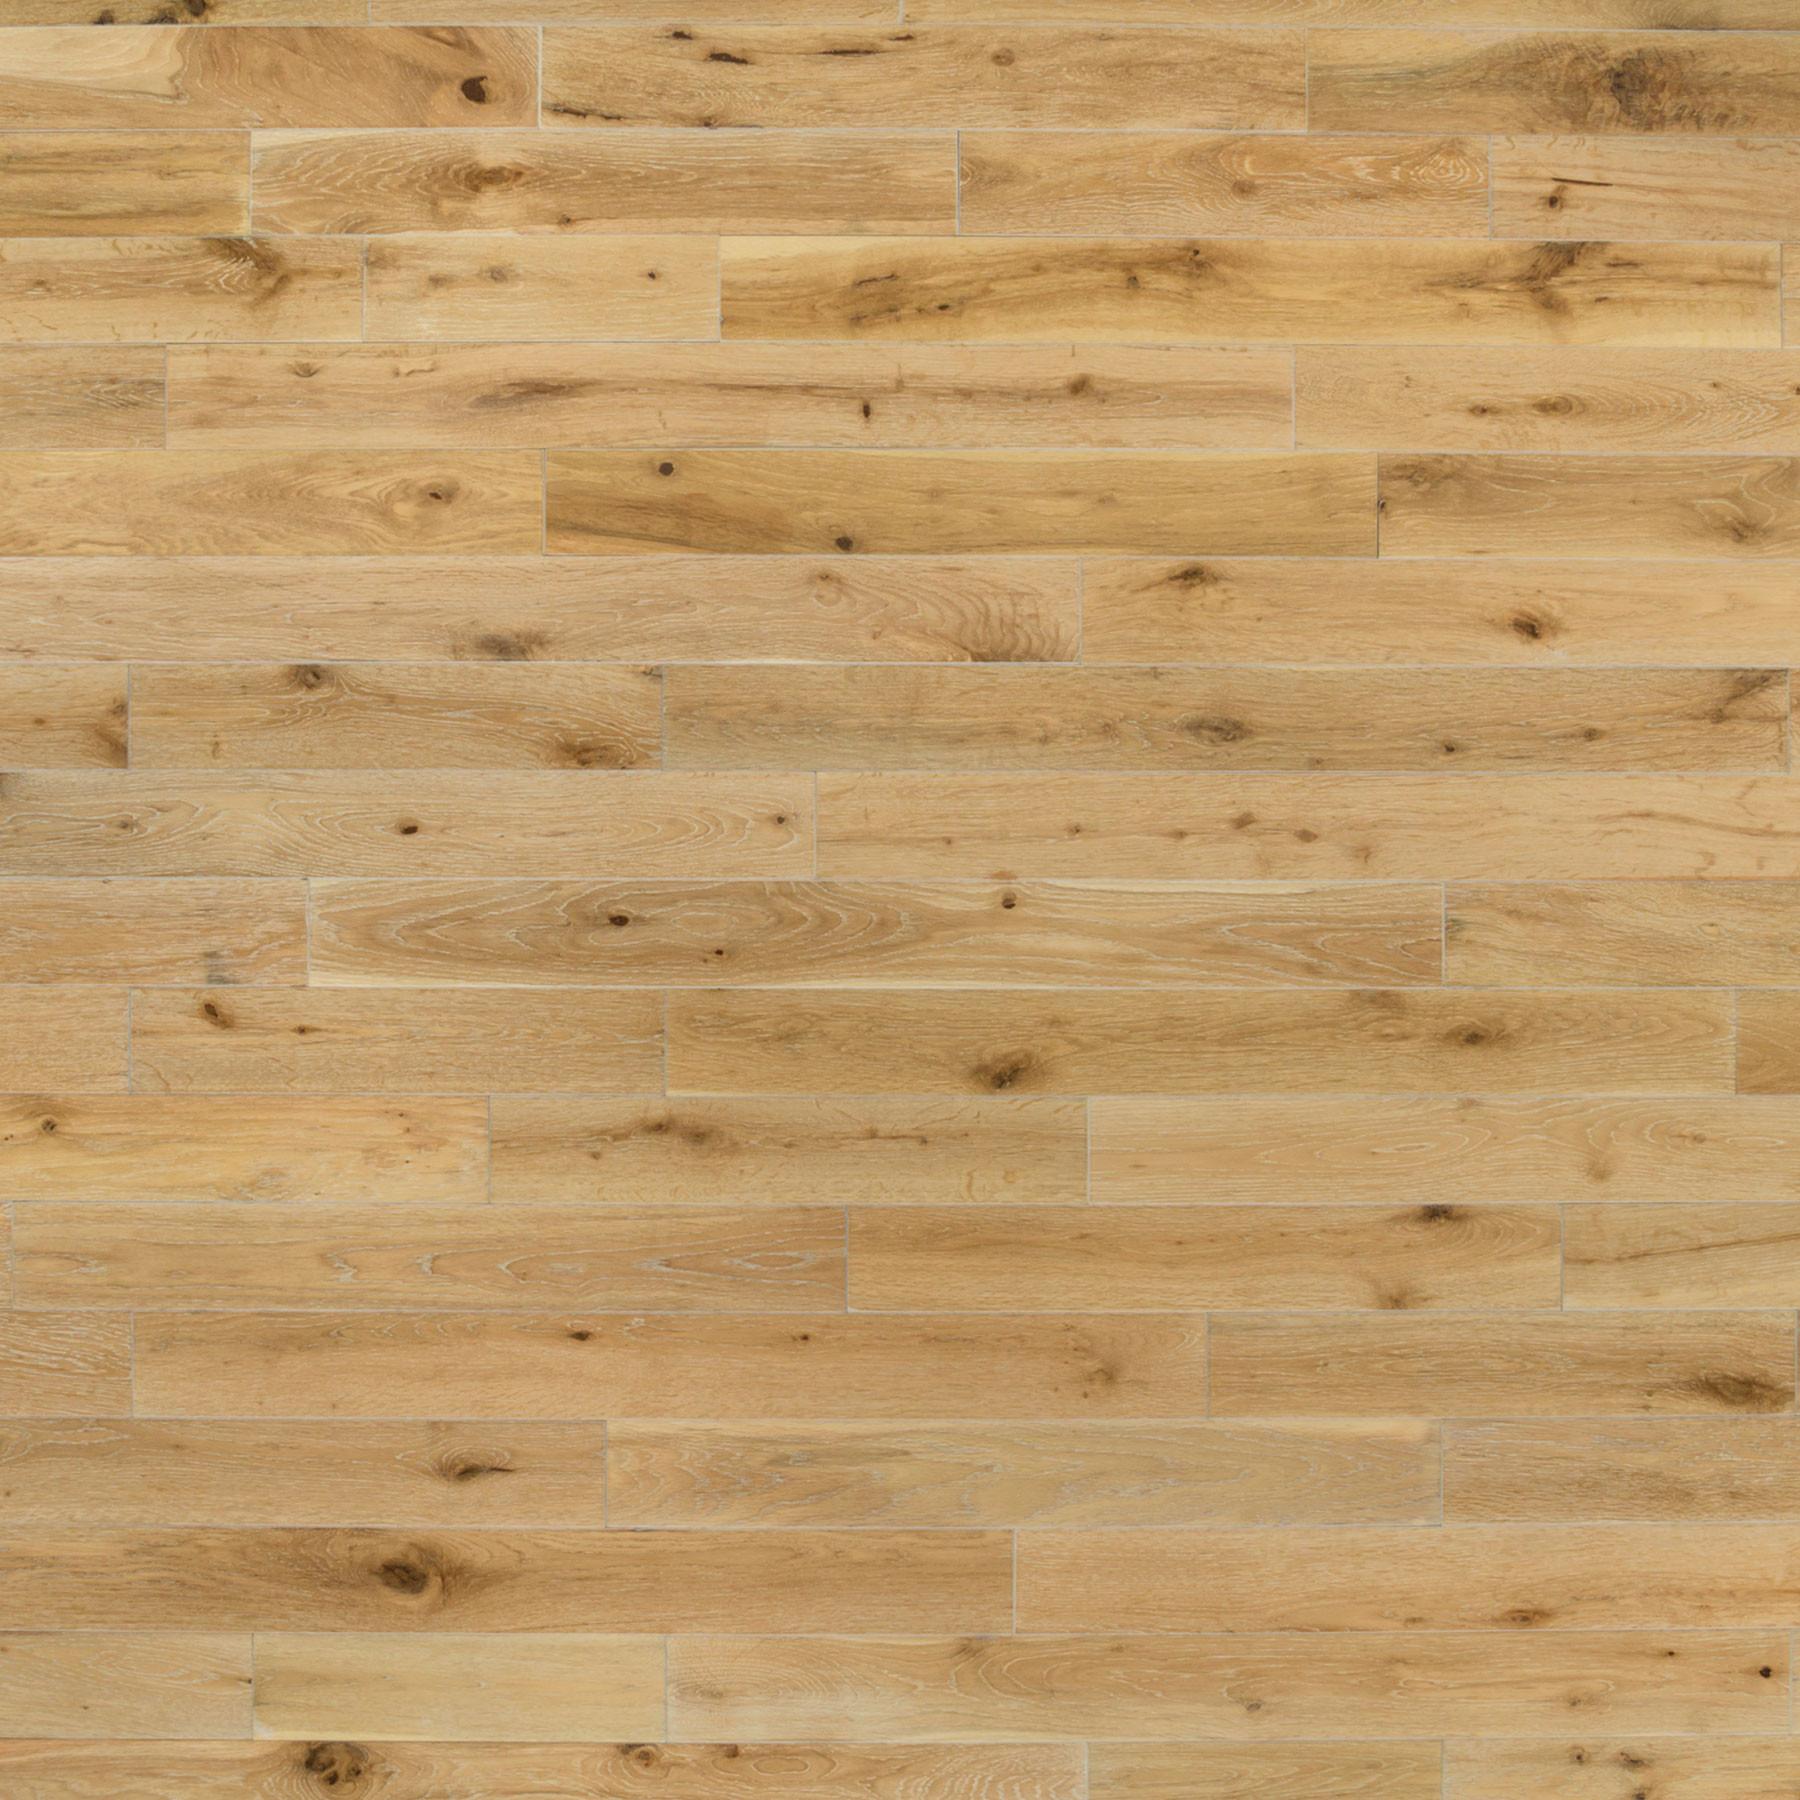 plank hardwood flooring canada of harbor oak 3 1 2″ white oak white washed etx surfaces throughout harbor oak 3 1 2″ white oak white washed